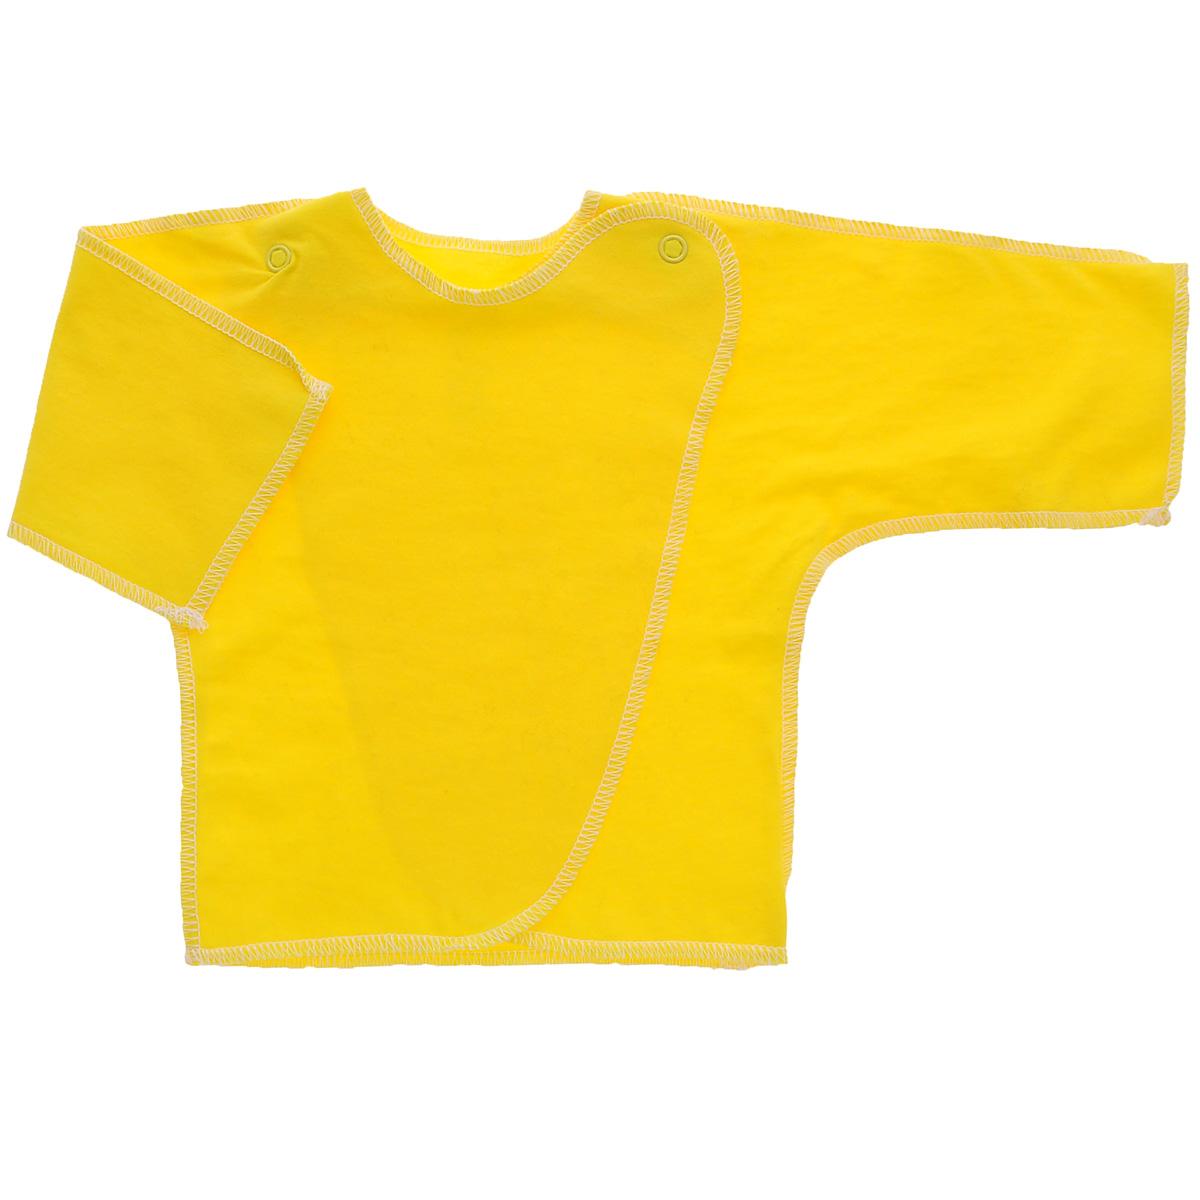 Распашонка Трон-плюс, цвет: желтый. 5002. Размер 56, 1 месяц5002Распашонка для мальчика Трон-плюс послужит идеальным дополнением к гардеробу вашего малыша. Распашонка изготовлена из натурального хлопка, благодаря чему она необычайно мягкая и легкая, не раздражает нежную кожу ребенка и хорошо вентилируется, а эластичные швы приятны телу малыша и не препятствуют его движениям. Распашонка с запахом, застегивается при помощи двух кнопок на плечах, которые позволяют без труда переодеть ребенка.